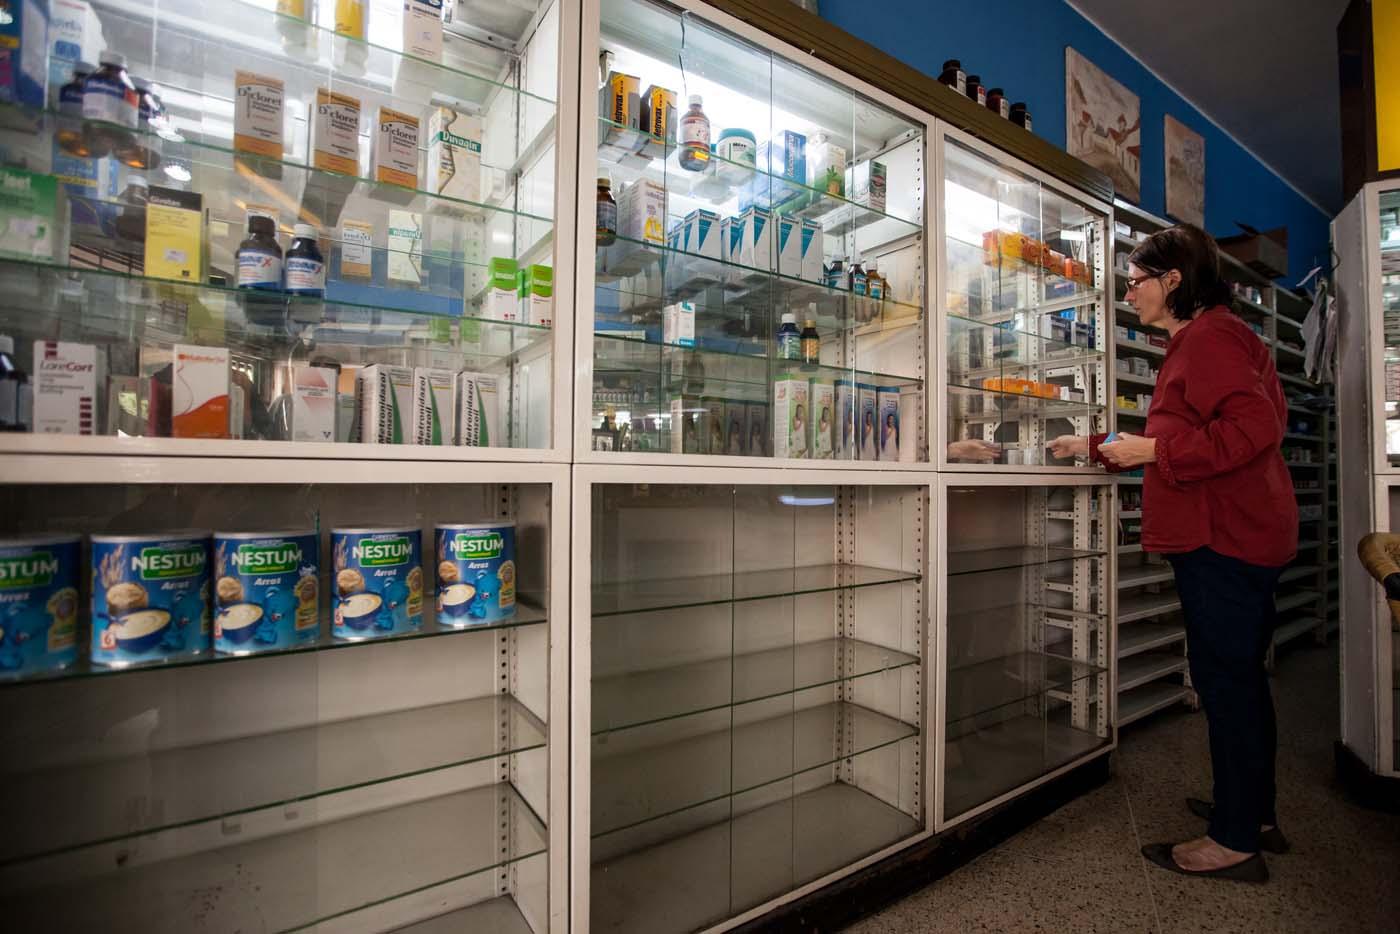 """ACOMPAÑA CRÓNICA: VENEZUELA SALUD CAR38. CARACAS (VENEZUELA), 14/04/2016.- Beatriz Gorostiza, una de las encargadas de la farmacia """"San Vicente"""", busca medicamentos en un estante este, jueves 14 de abril del 2016, en la ciudad de Caracas (Venezuela). La escasez de medicamentos en Venezuela sigue siendo una tragedia visible en farmacias y hospitales, semanas después de que el Parlamento declarara una """"crisis humanitaria de salud"""" que, entre otros cosas, se estaría manifestando en la falta de disponibilidad de 872 fármacos esenciales. EFE/MIGUEL GUTIÉRREZ"""